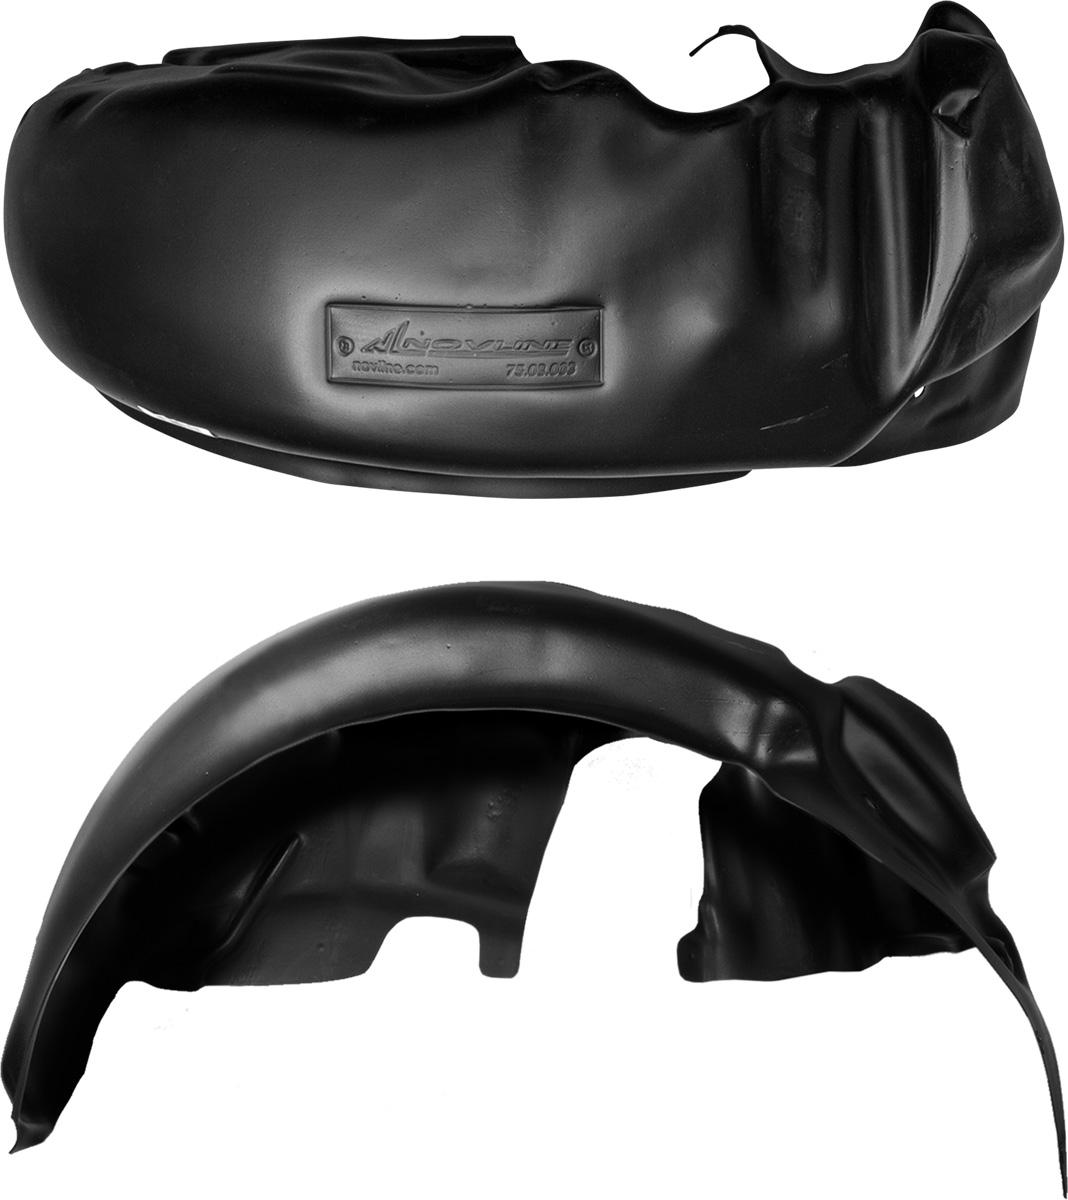 Подкрылок Novline-Autofamily, для Lada Priora, 2007 ->, задний левыйDAVC150Колесные ниши - одни из самых уязвимых зон днища вашего автомобиля. Они постоянно подвергаются воздействию со стороны дороги. Лучшая, почти абсолютная защита для них - специально отформованные пластиковые кожухи, которые называются подкрылками. Производятся они как для отечественных моделей автомобилей, так и для иномарок. Подкрылки Novline-Autofamily выполнены из высококачественного, экологически чистого пластика. Обеспечивают надежную защиту кузова автомобиля от пескоструйного эффекта и негативного влияния, агрессивных антигололедных реагентов. Пластик обладает более низкой теплопроводностью, чем металл, поэтому в зимний период эксплуатации использование пластиковых подкрылков позволяет лучше защитить колесные ниши от налипания снега и образования наледи. Оригинальность конструкции подчеркивает элегантность автомобиля, бережно защищает нанесенное на днище кузова антикоррозийное покрытие и позволяет осуществить крепление подкрылков внутри колесной арки практически без дополнительного крепежа и сверления, не нарушая при этом лакокрасочного покрытия, что предотвращает возникновение новых очагов коррозии. Подкрылки долговечны, обладают высокой прочностью и сохраняют заданную форму, а также все свои физико-механические характеристики в самых тяжелых климатических условиях (от -50°С до +50°С).Уважаемые клиенты!Обращаем ваше внимание, на тот факт, что подкрылок имеет форму, соответствующую модели данного автомобиля. Фото служит для визуального восприятия товара.